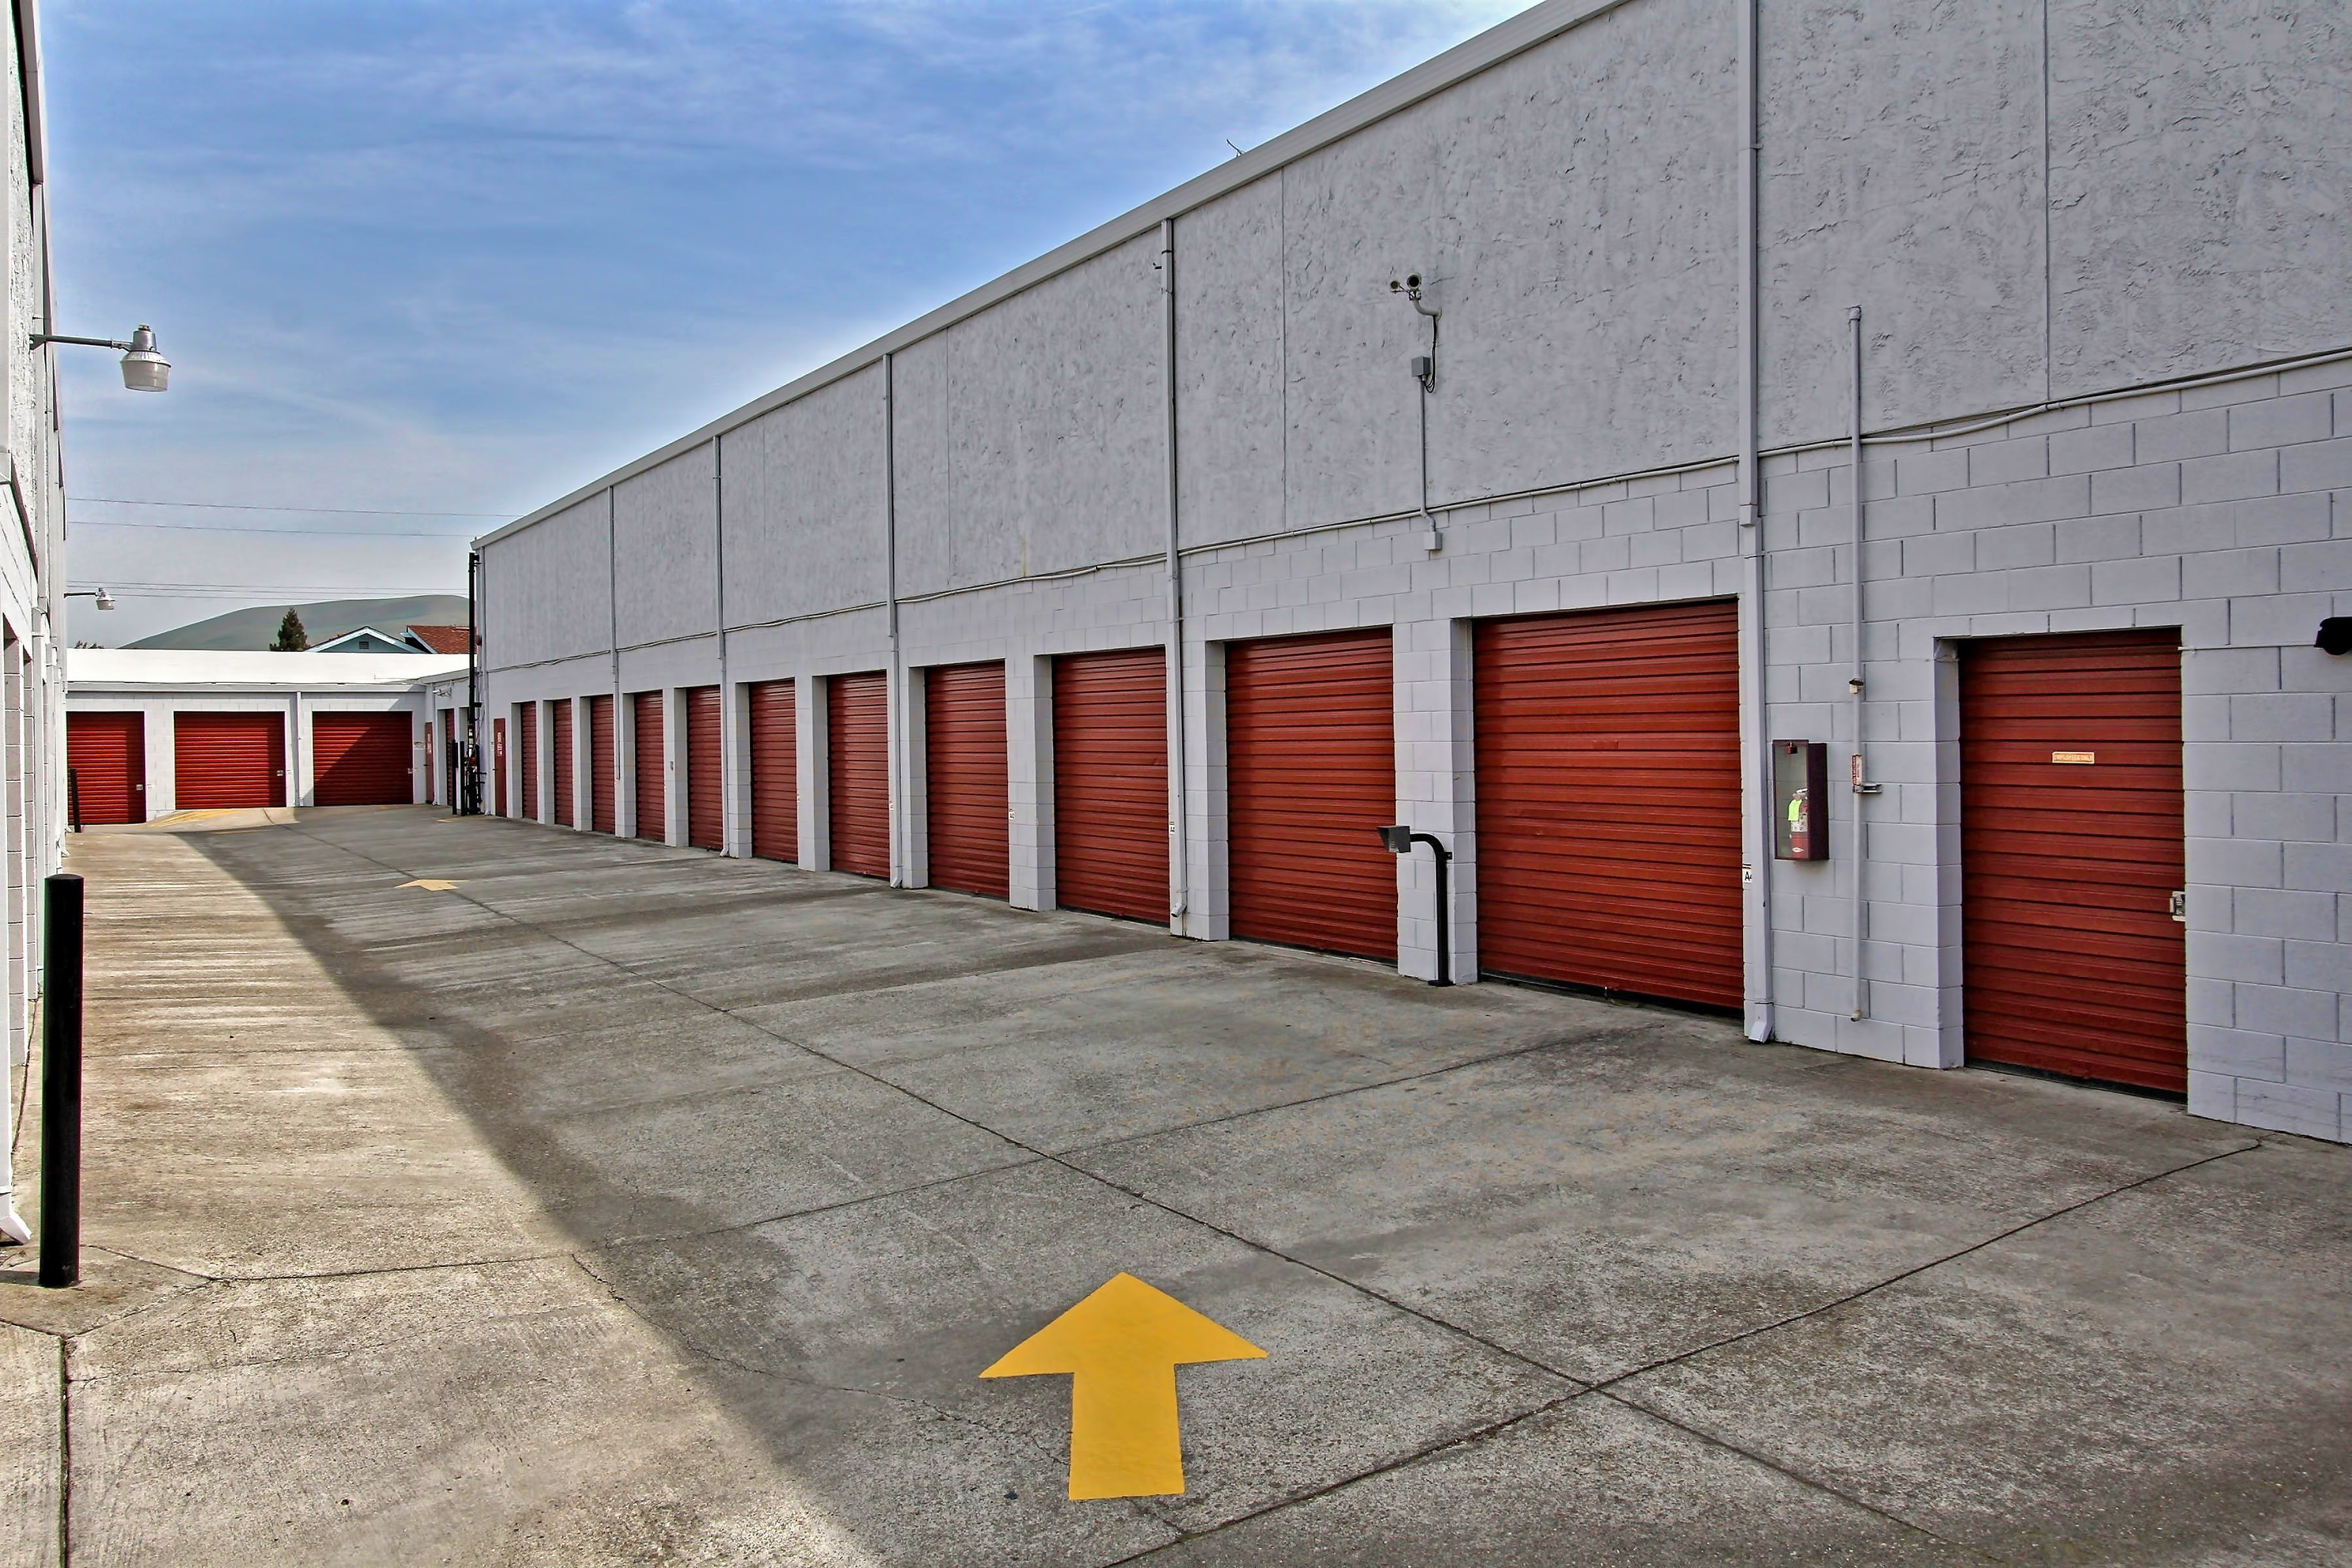 Storagemart In Concord Ca 925 689 7